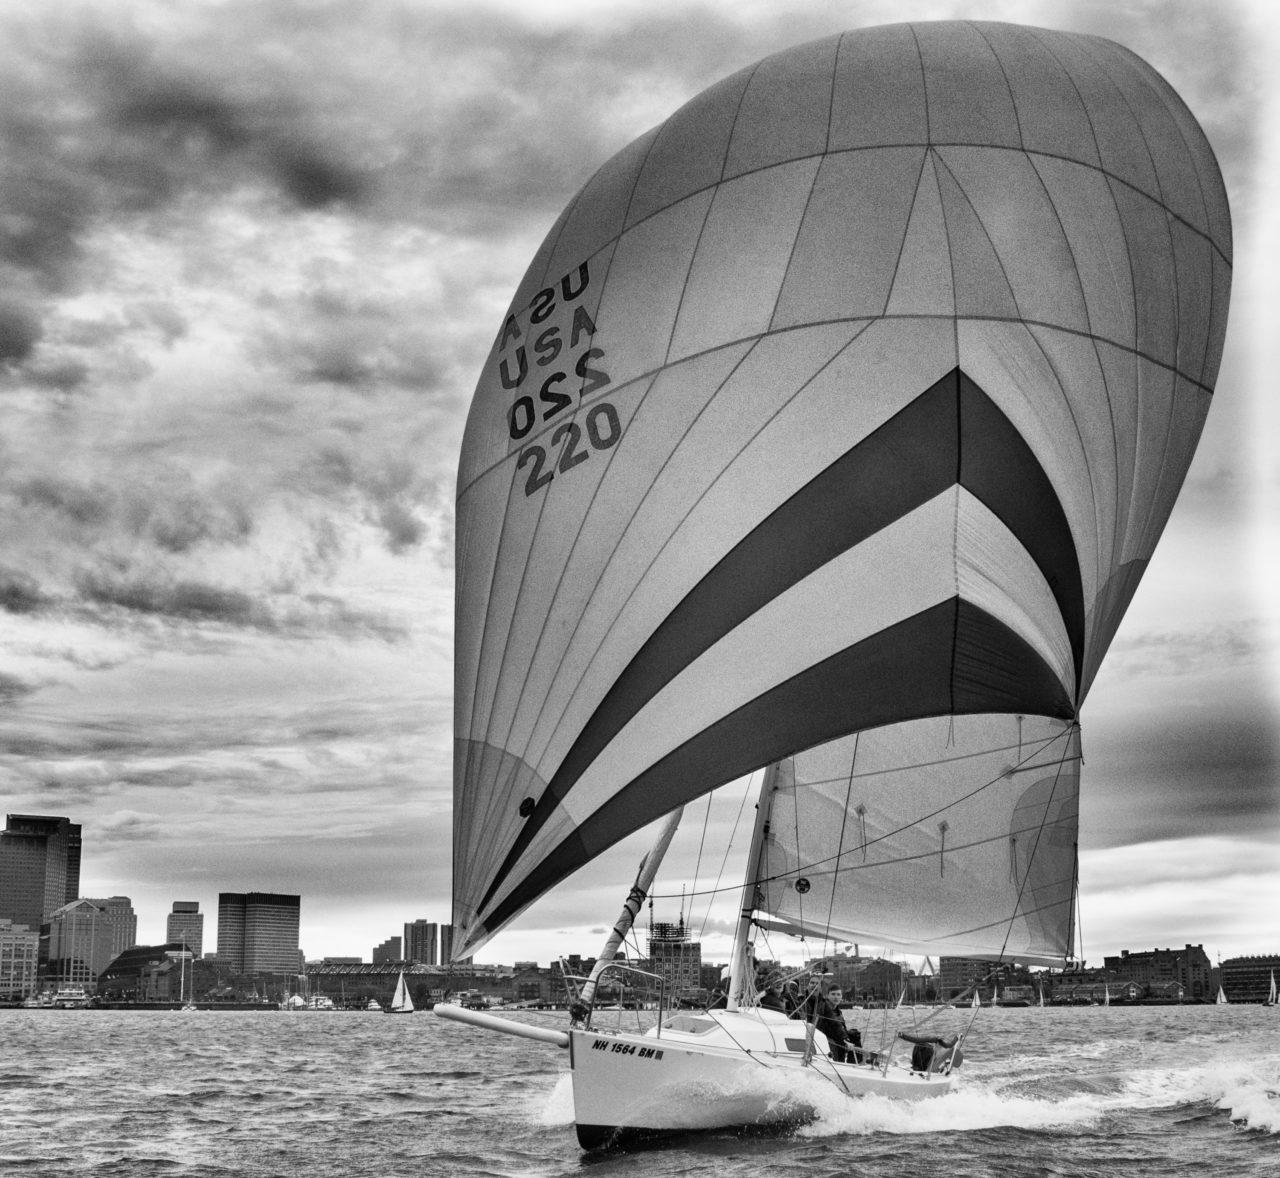 J8p Asym kite